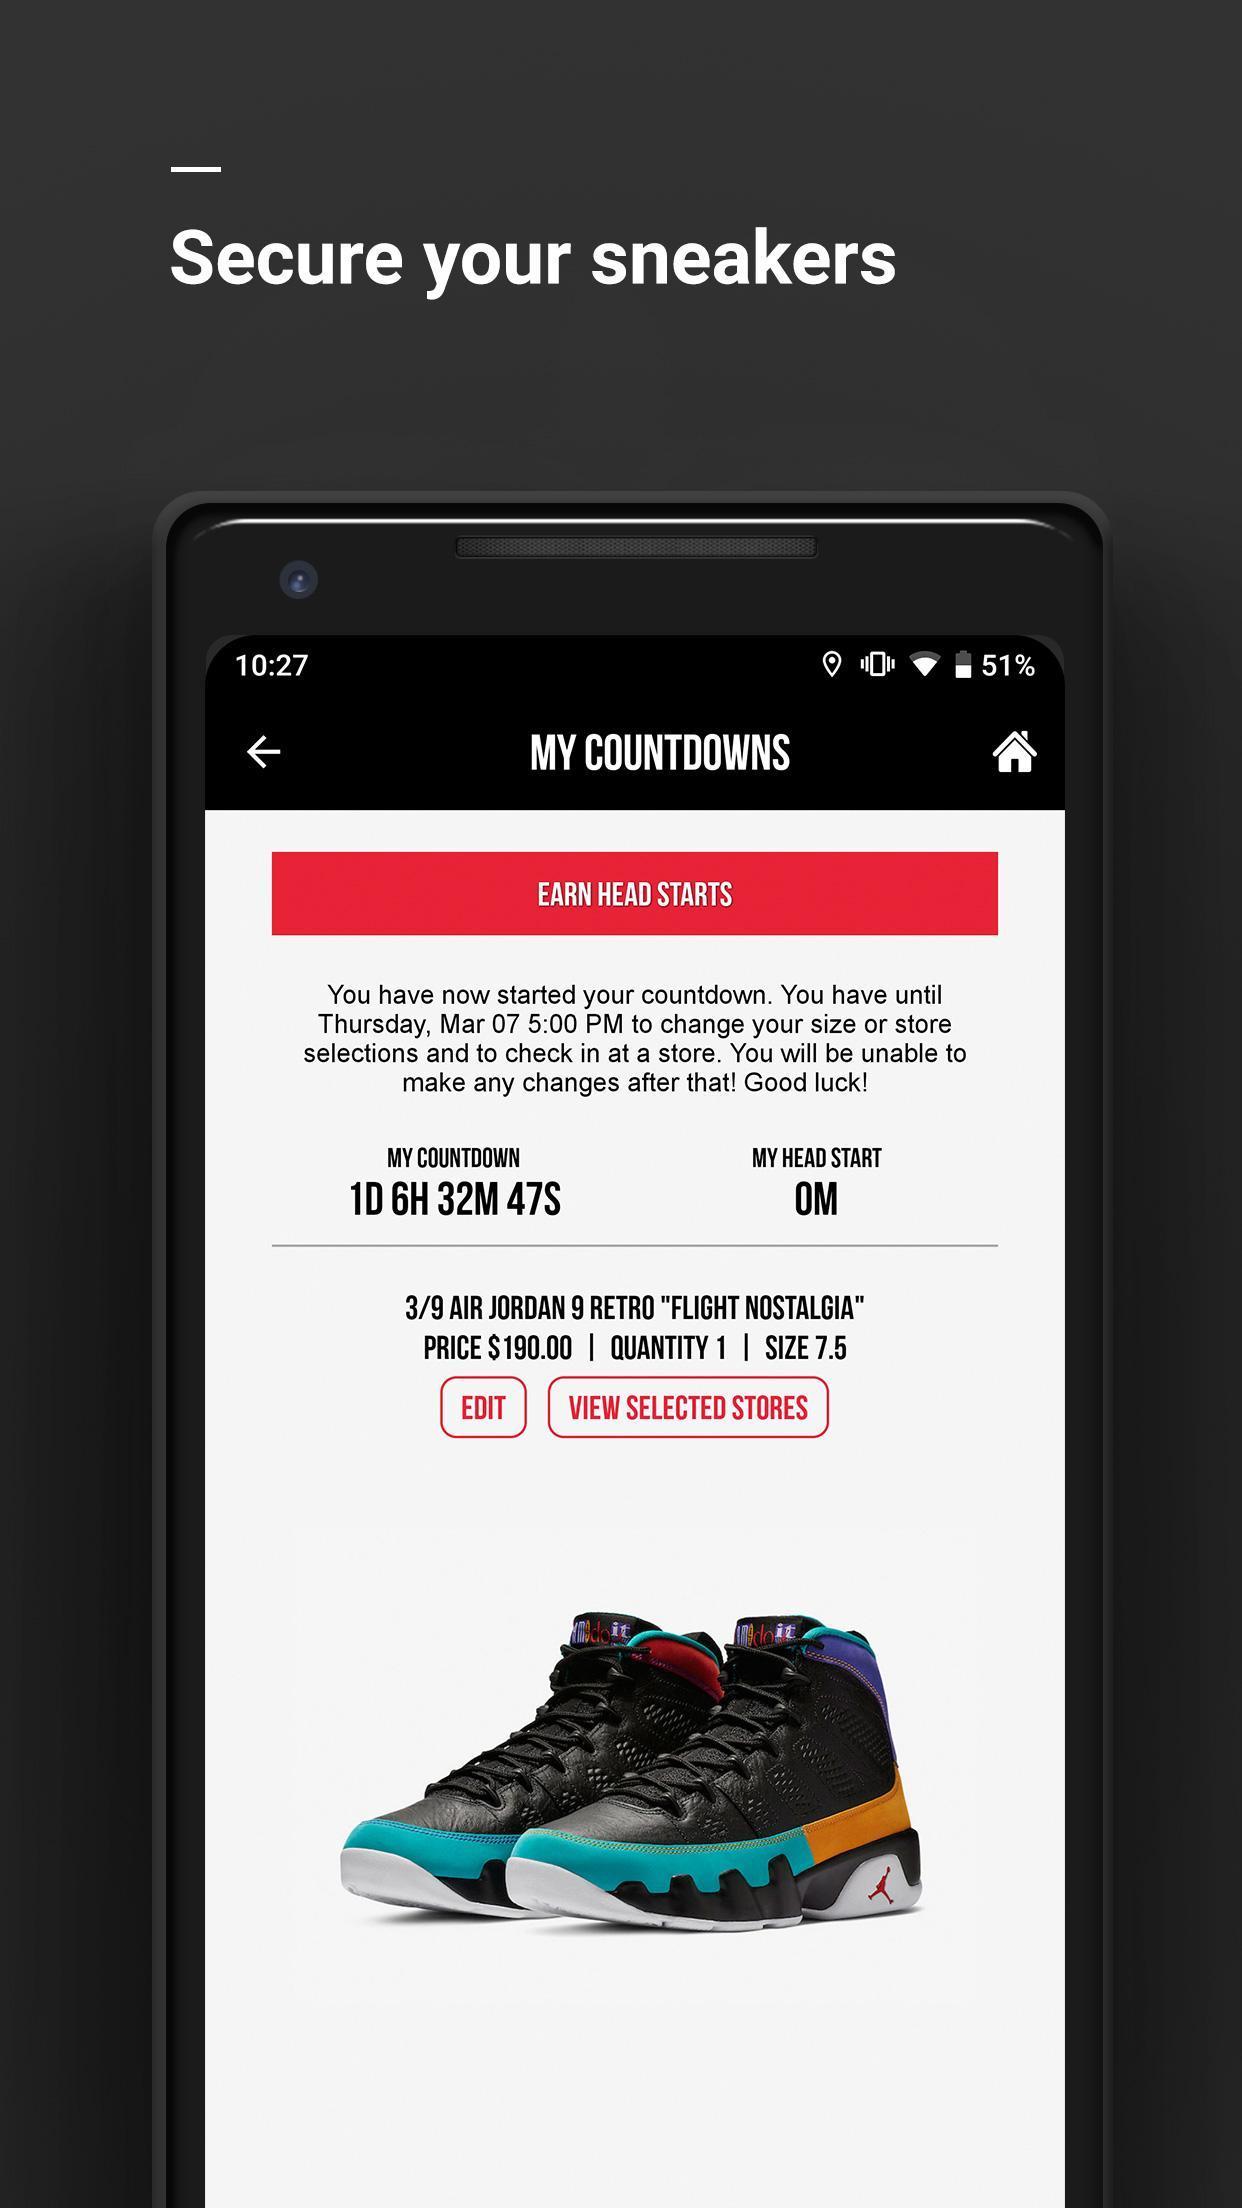 Foot Locker Sneakers, clothes & culture 3.8.8 Screenshot 4